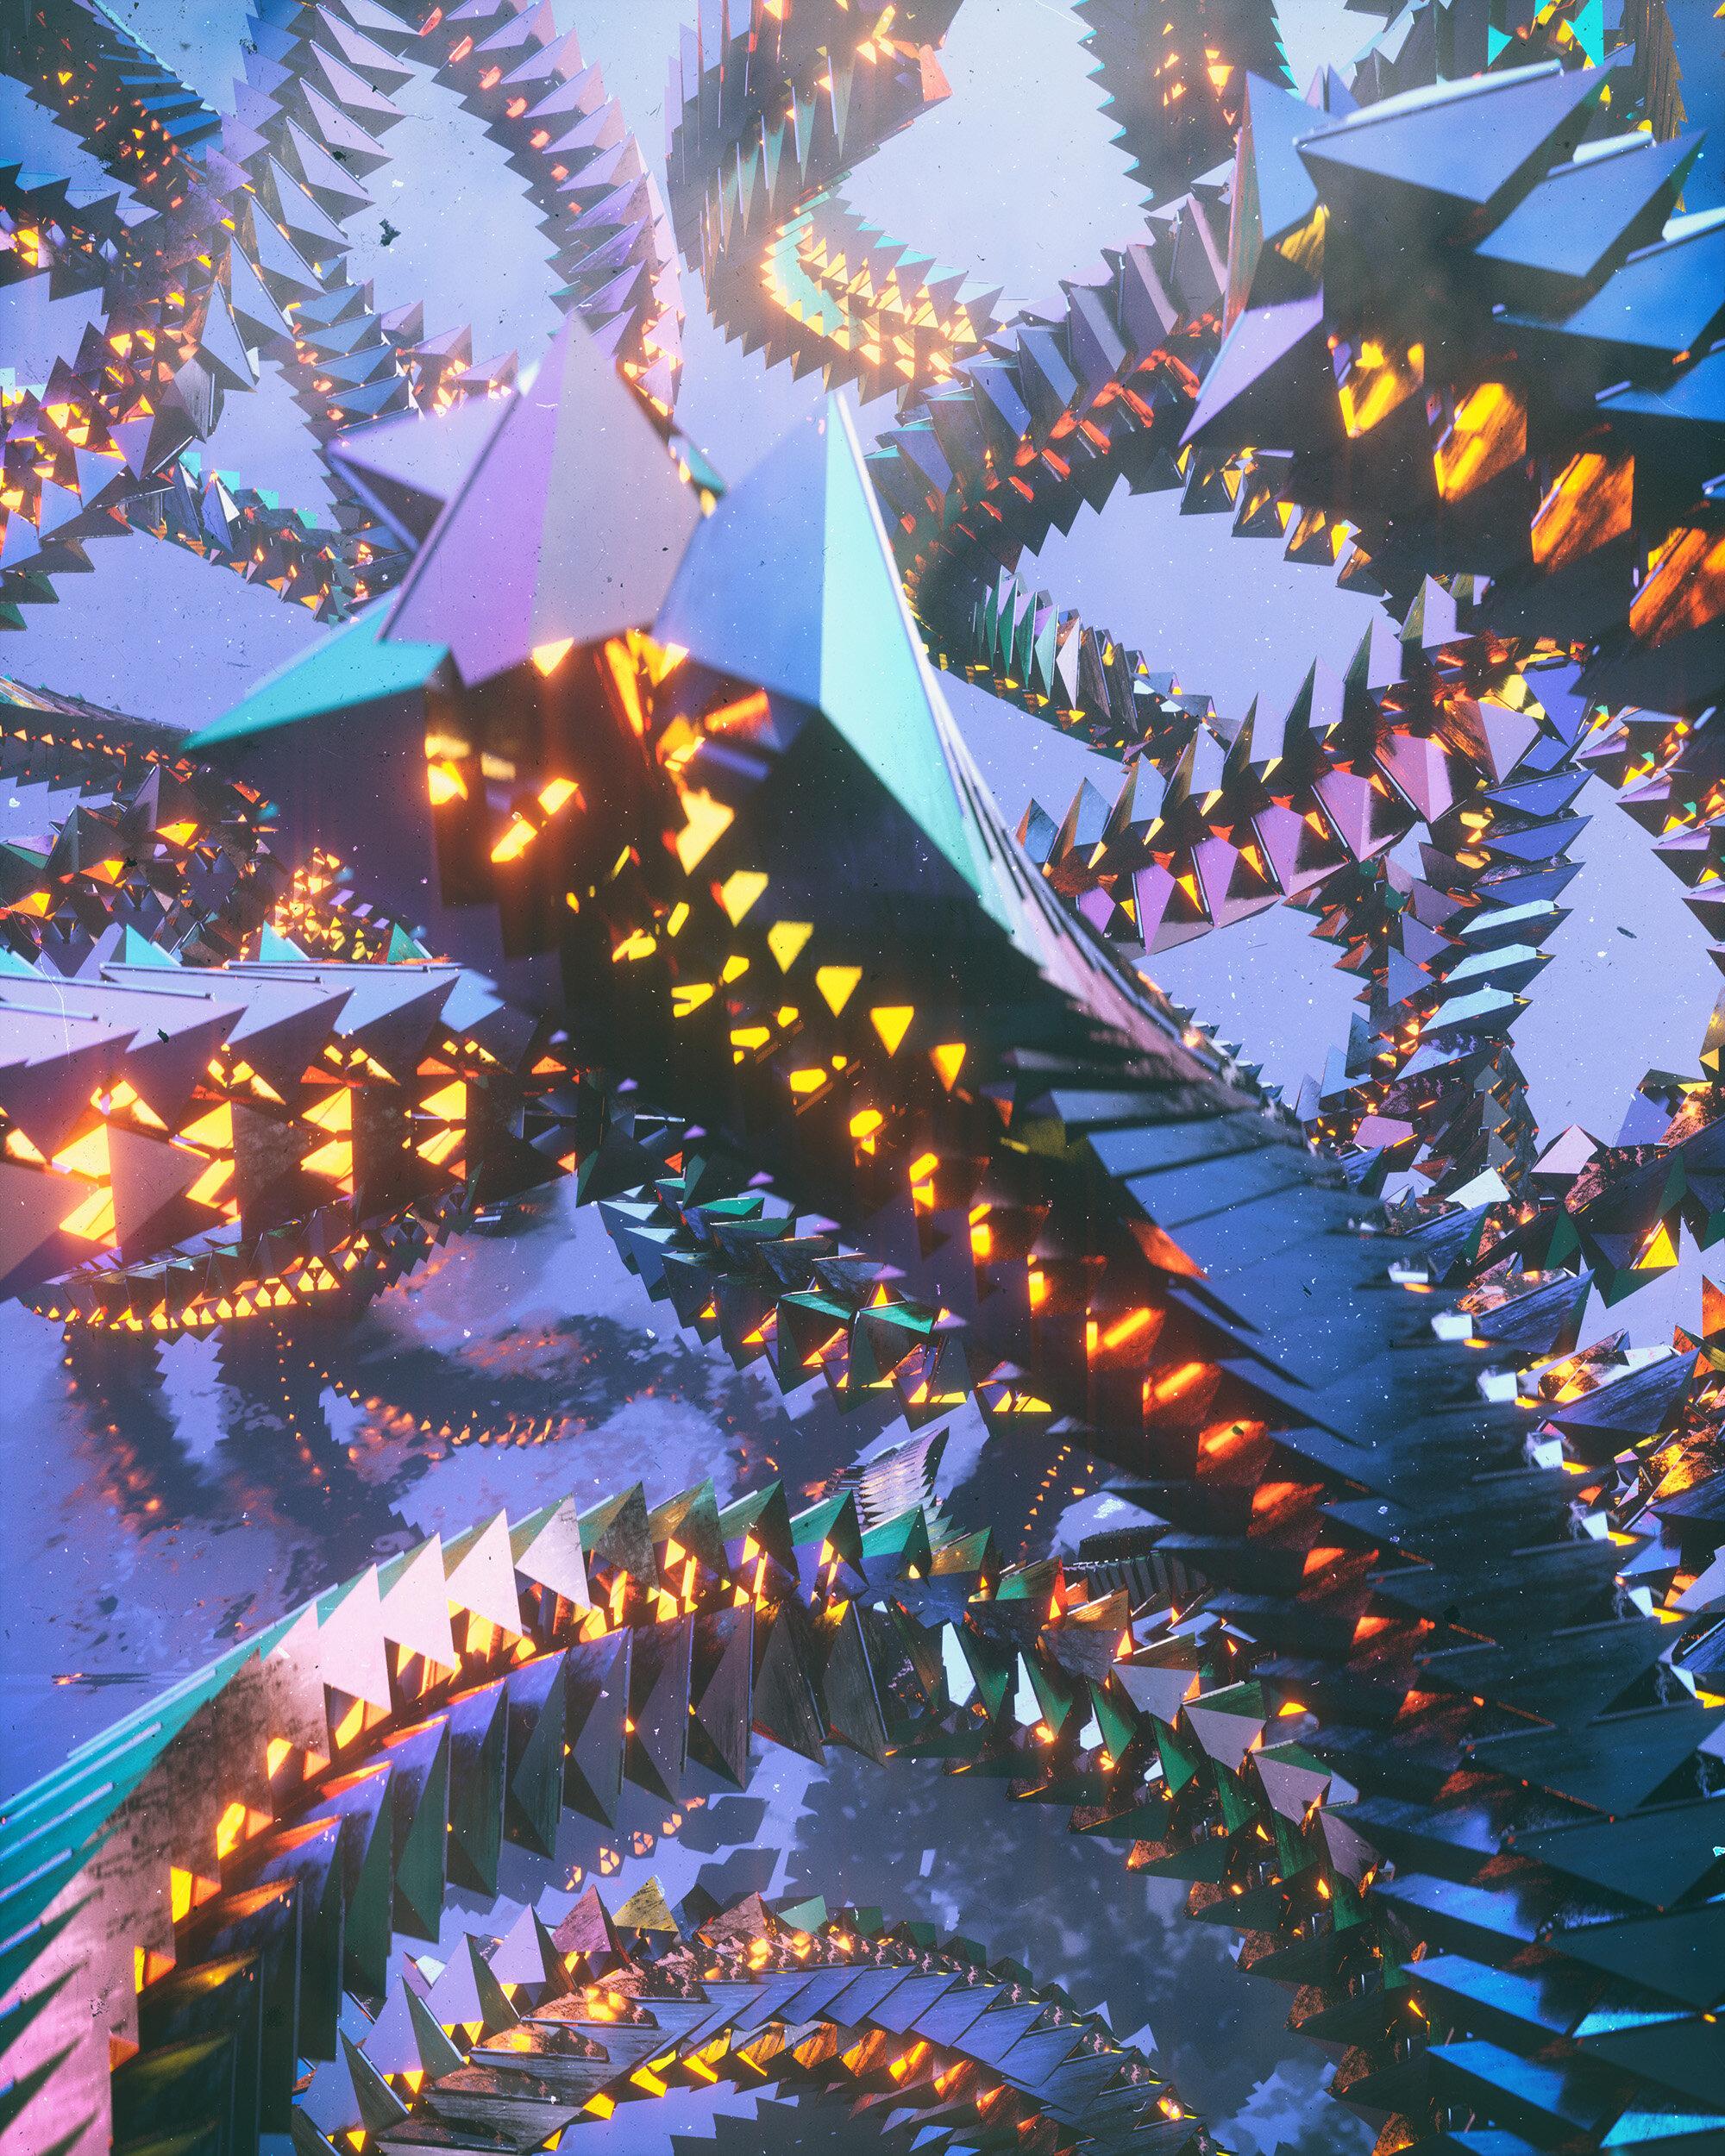 eVolo_0030_OctaneCamera_a_i2_0077.jpg